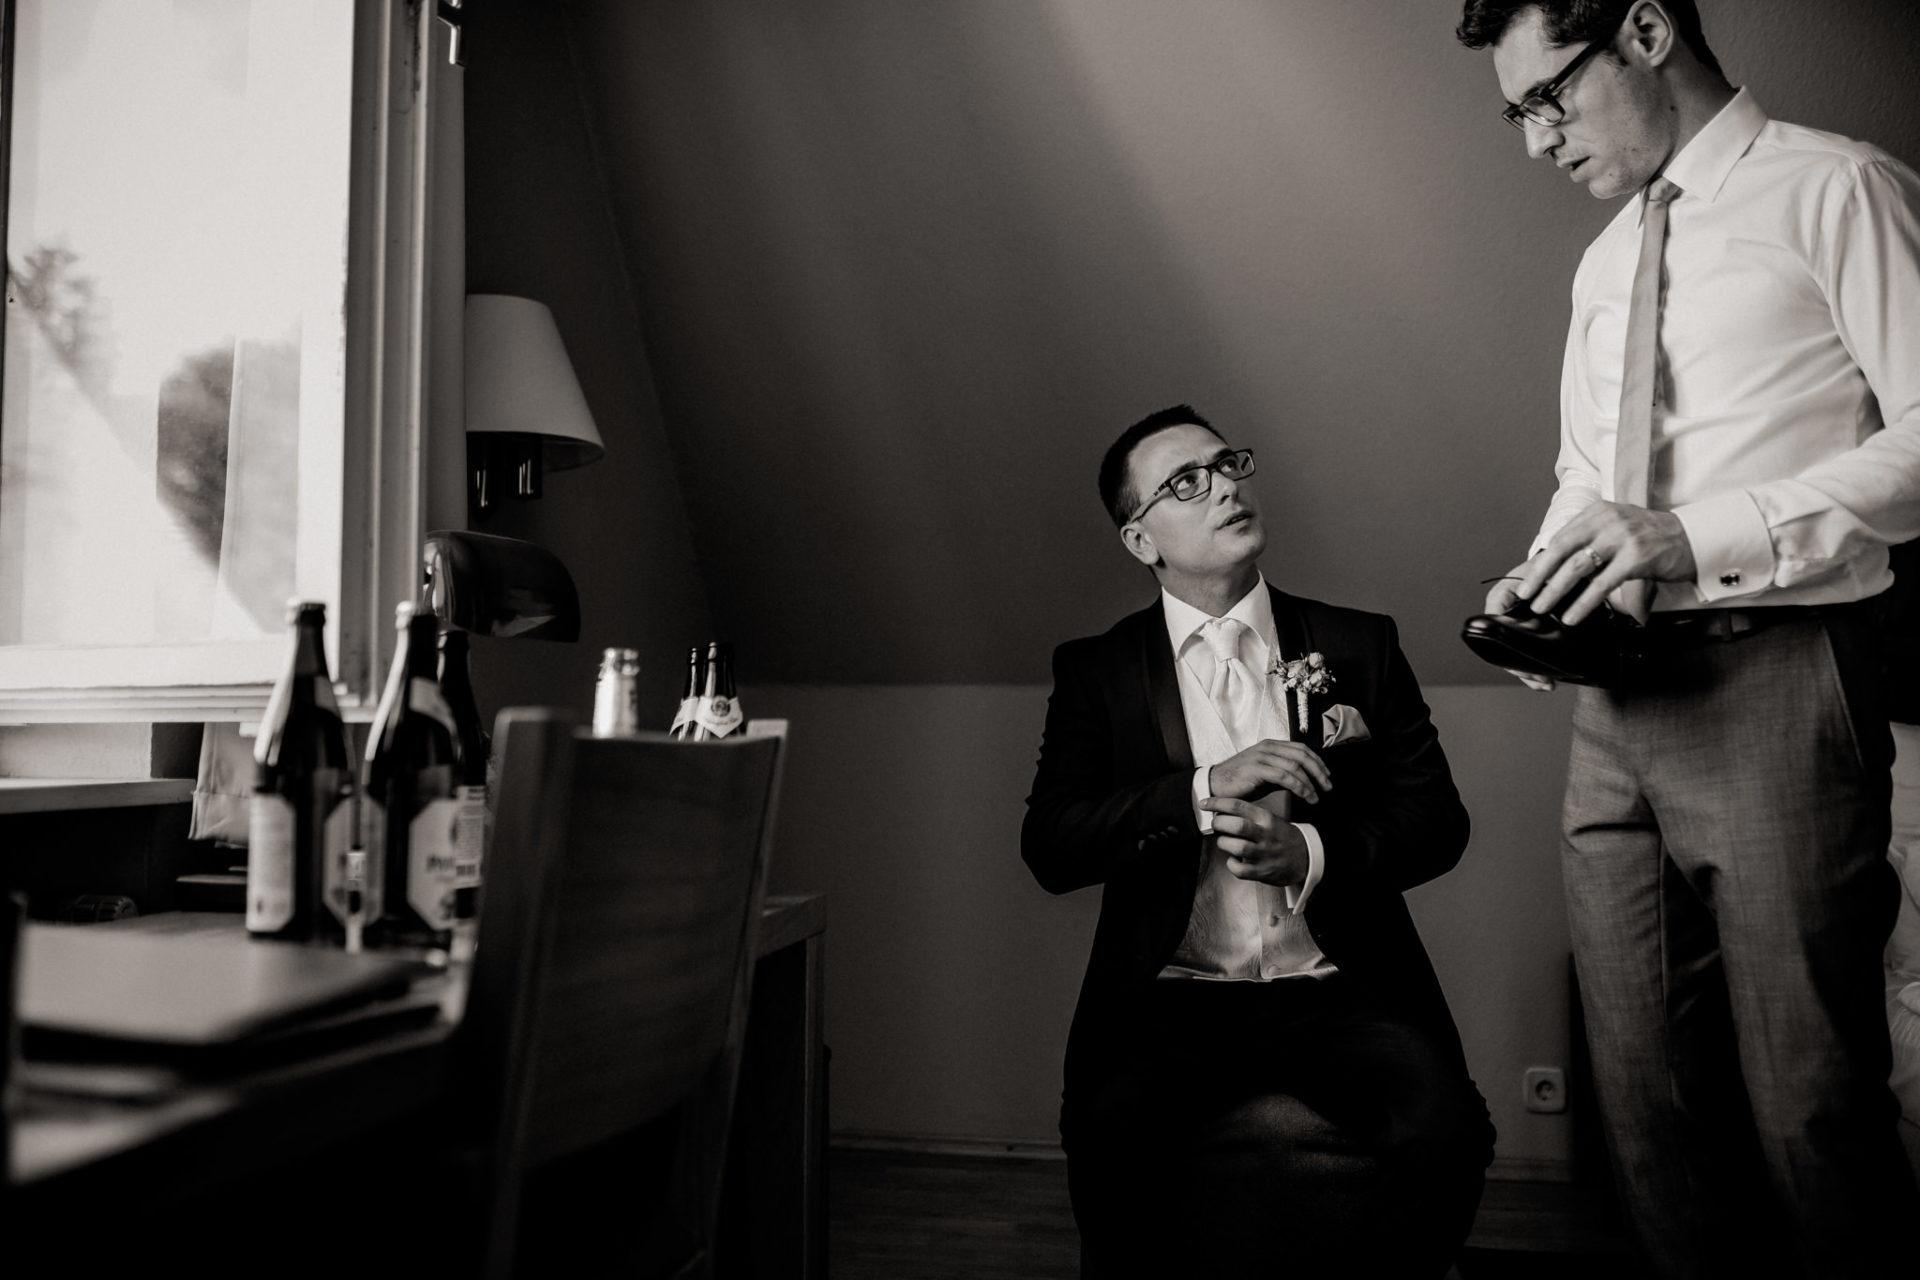 hochzeitsfotograf schloss heinsheim-elegant heiraten-Bräutigam getting ready-Brautführer-Anstecker echtblumen